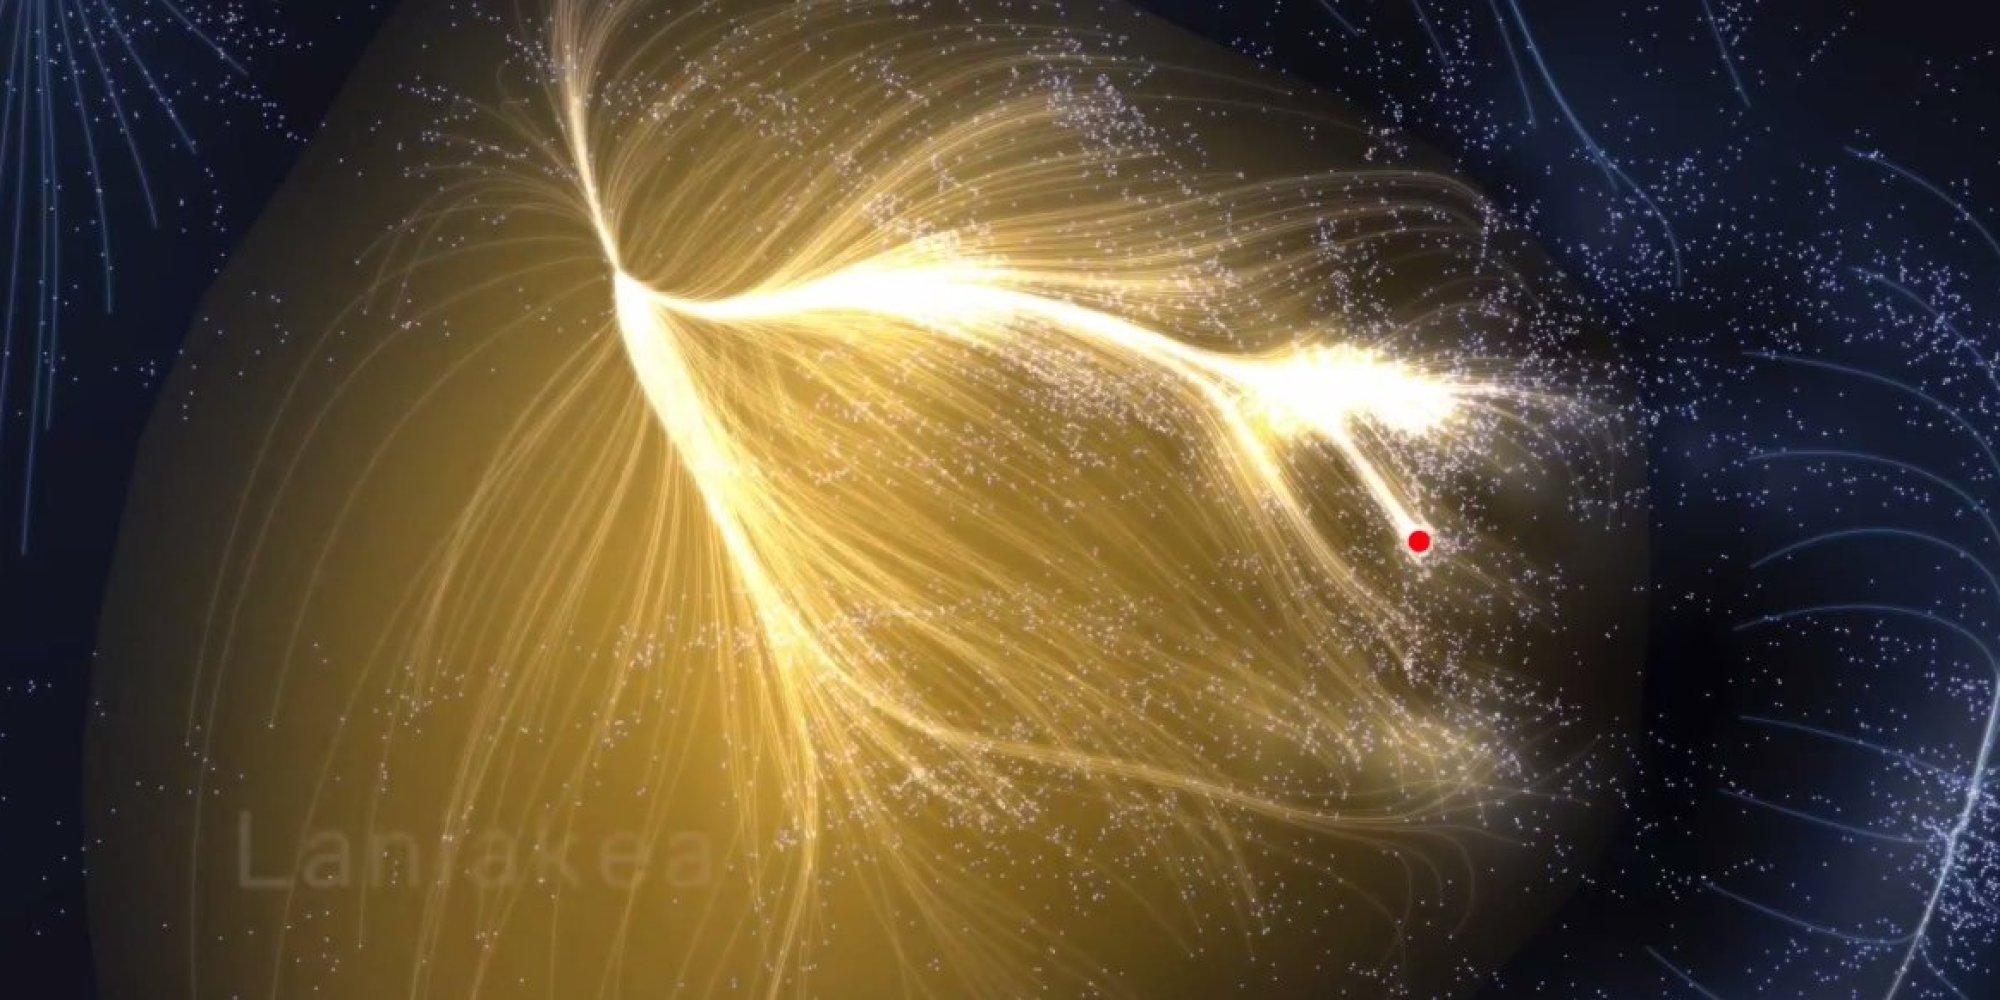 «Небесный дом» Млечного пути указывает карта сверхскопления галактик (2 фото+видео)